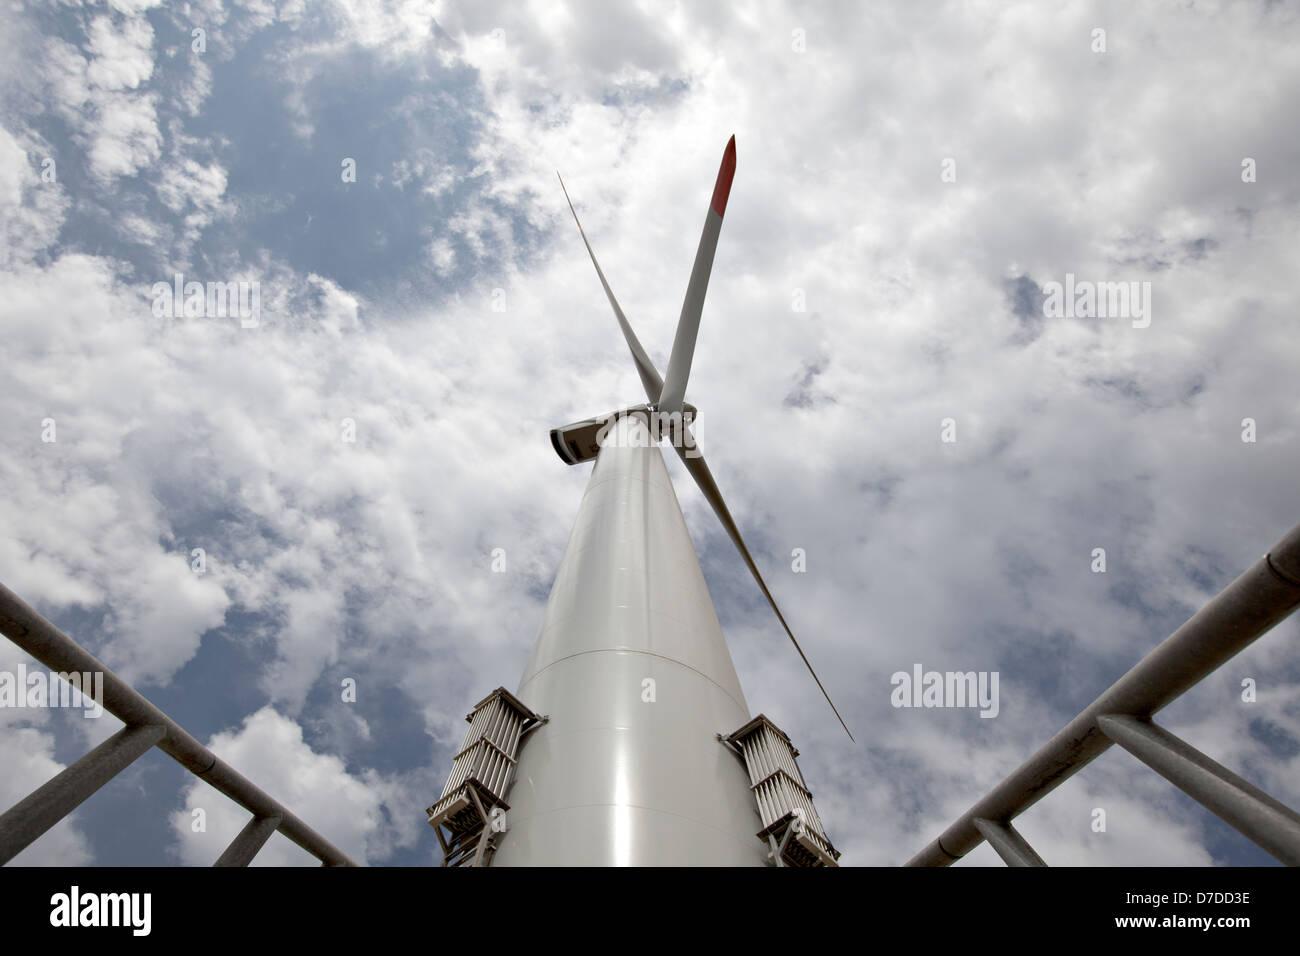 La turbina eólica - fuente de energía alternativa y verde Imagen De Stock